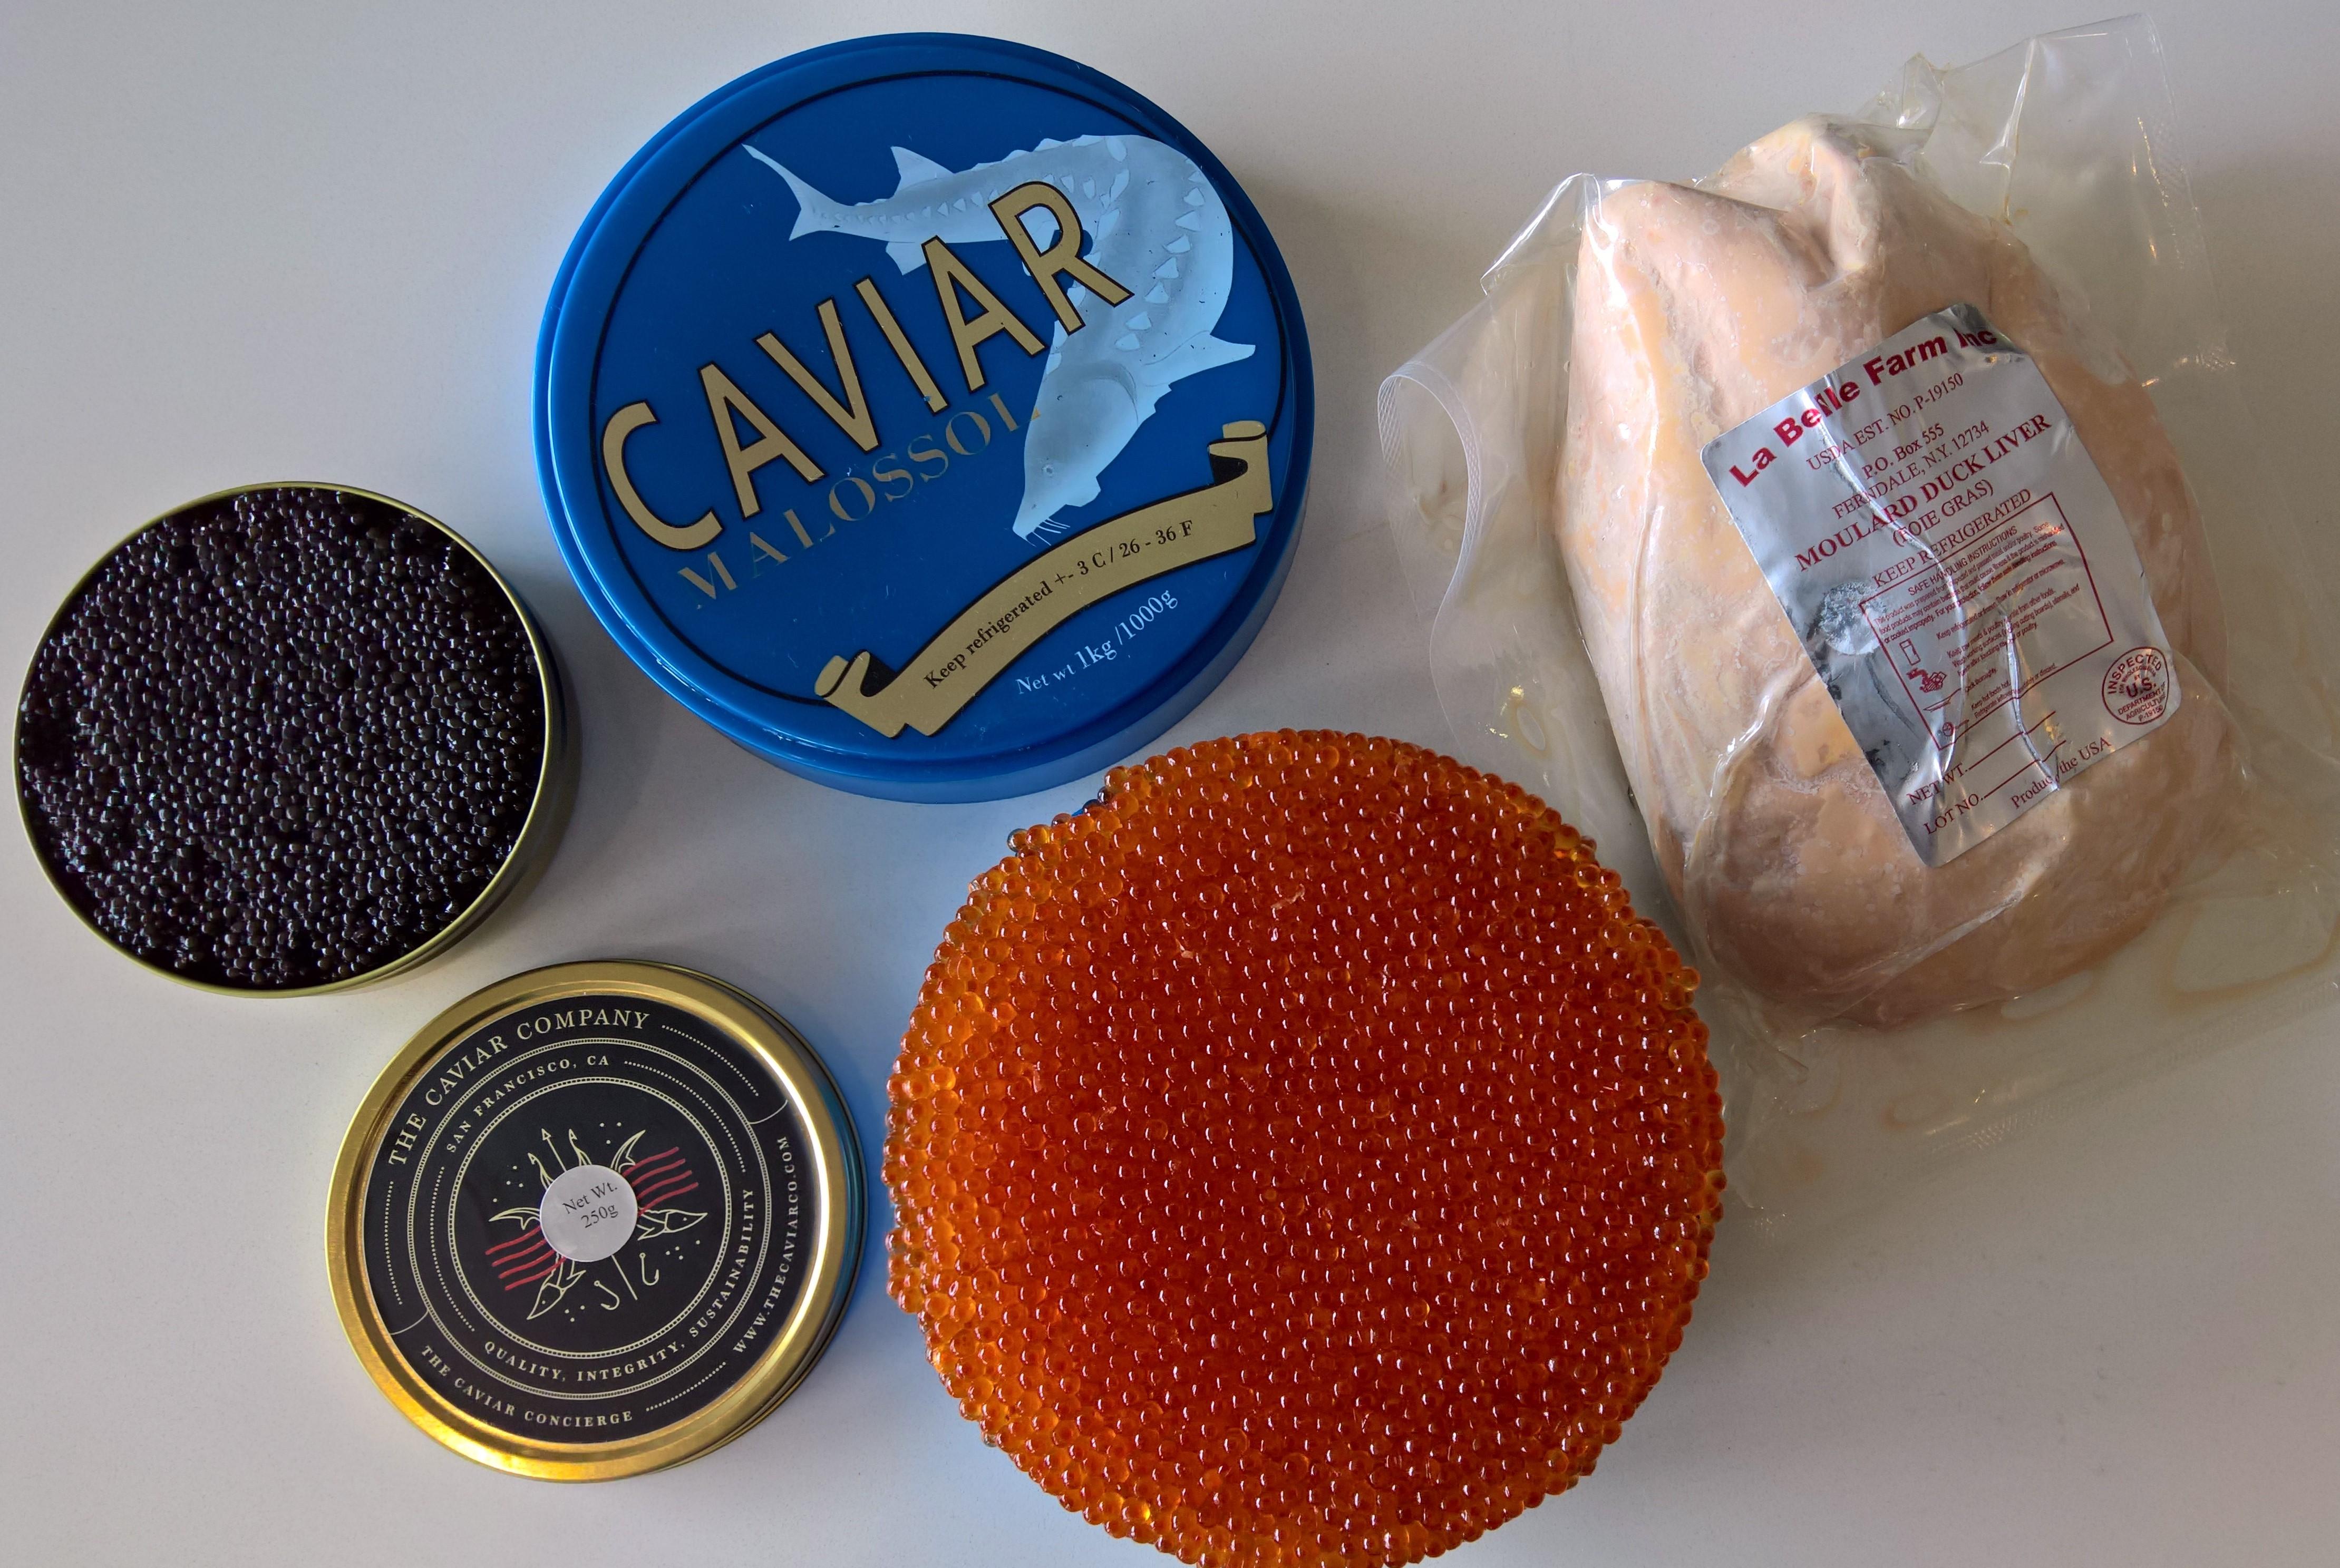 Caviar + Foie Gras